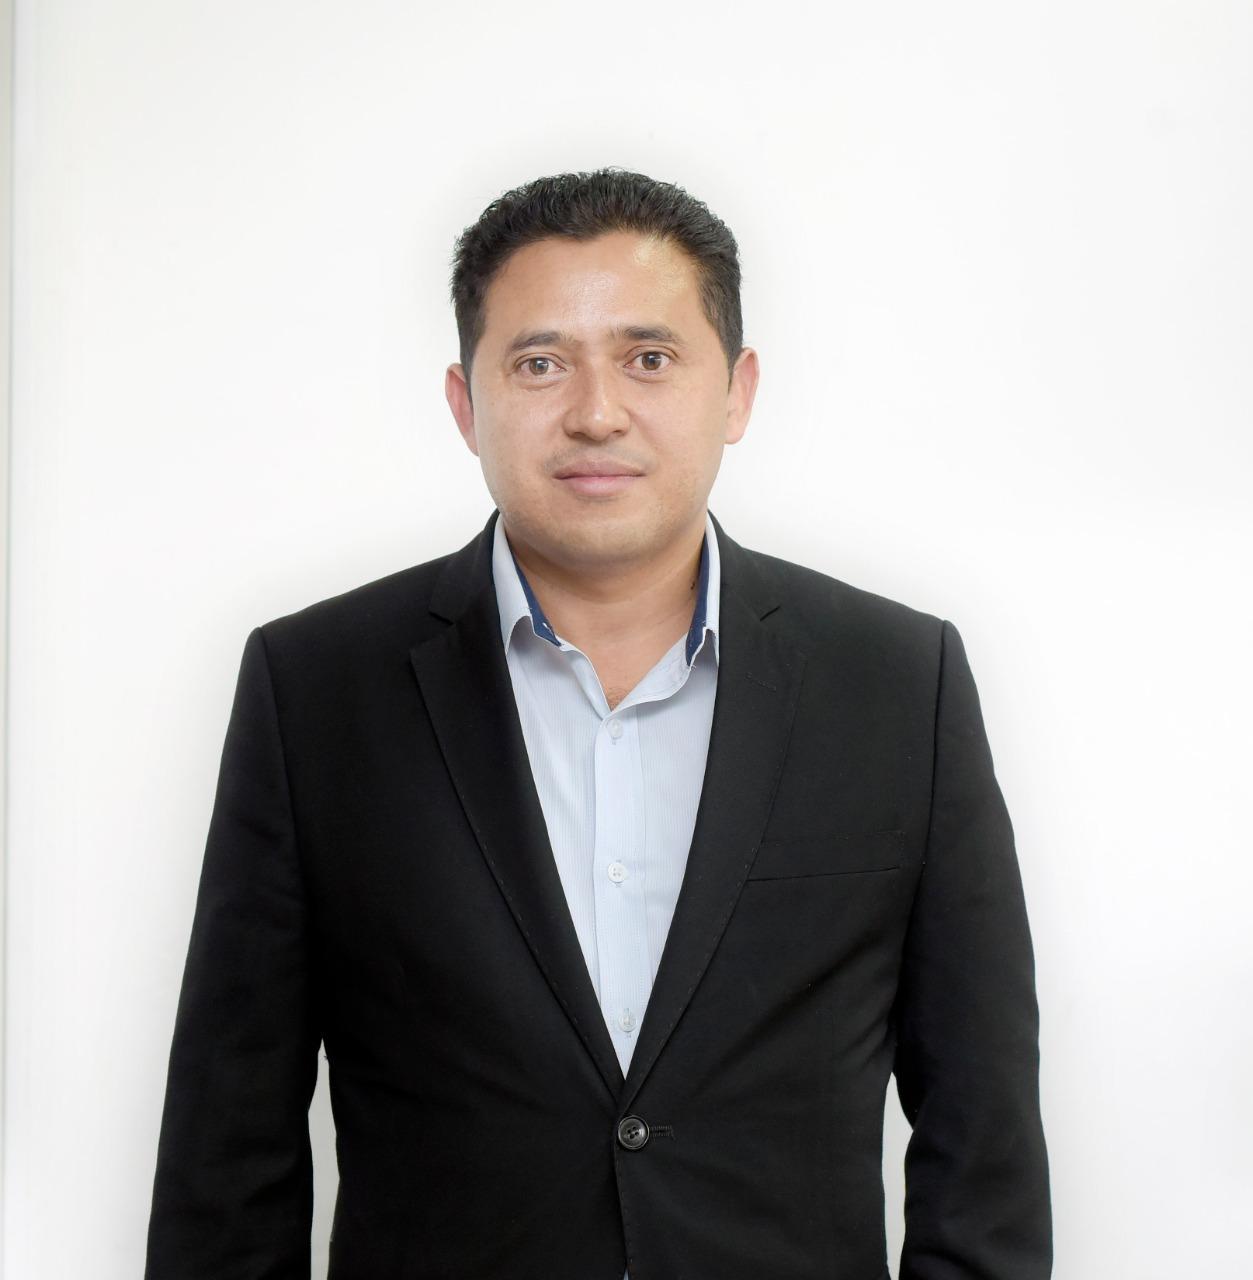 John Fernando Guzmán Uparela